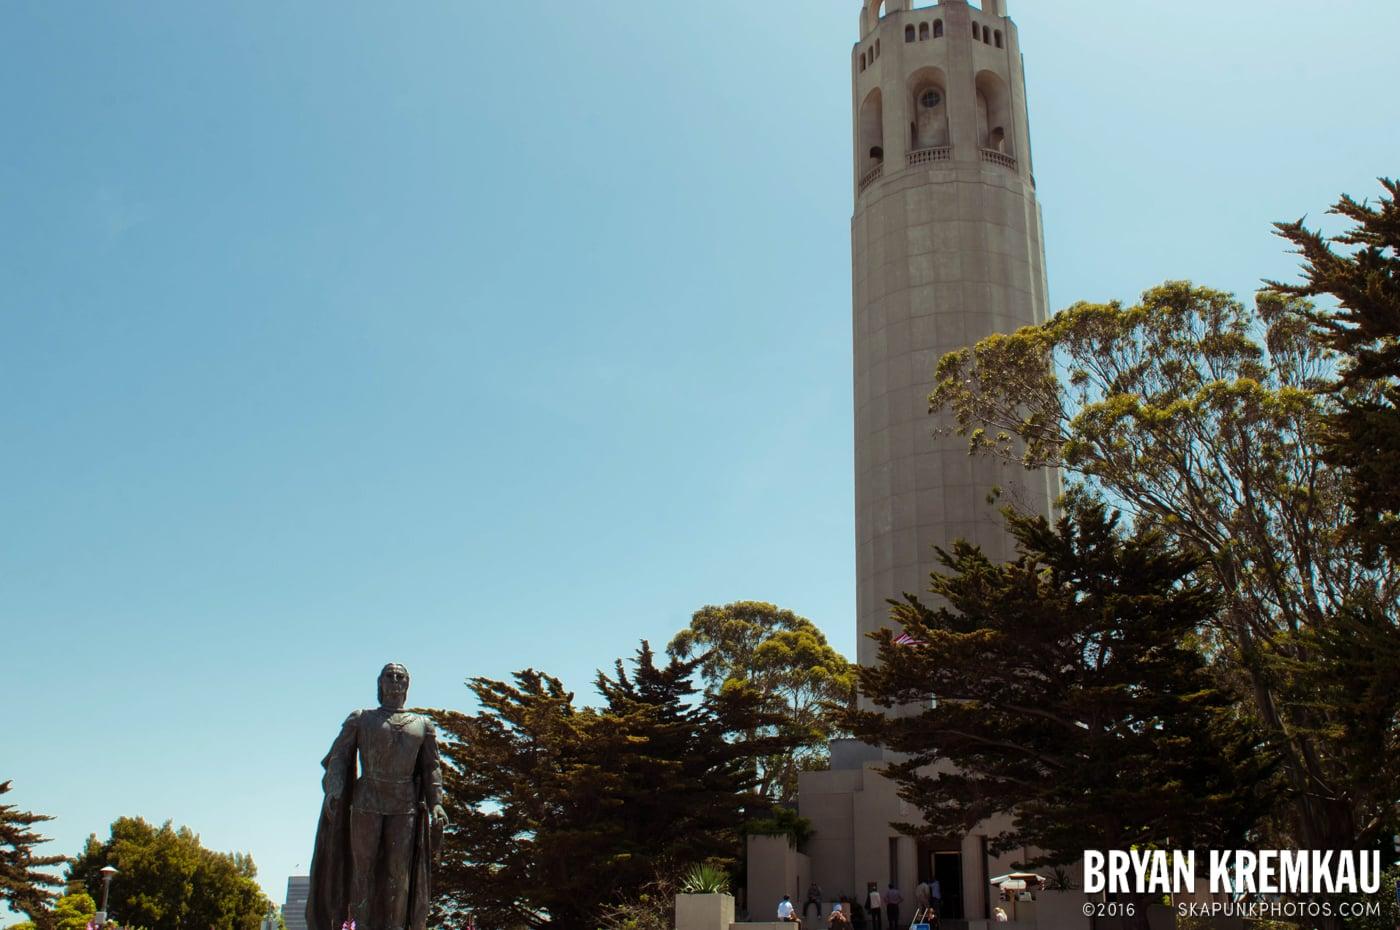 San Francisco Vacation - Day 2 - 4.29.12 (9)